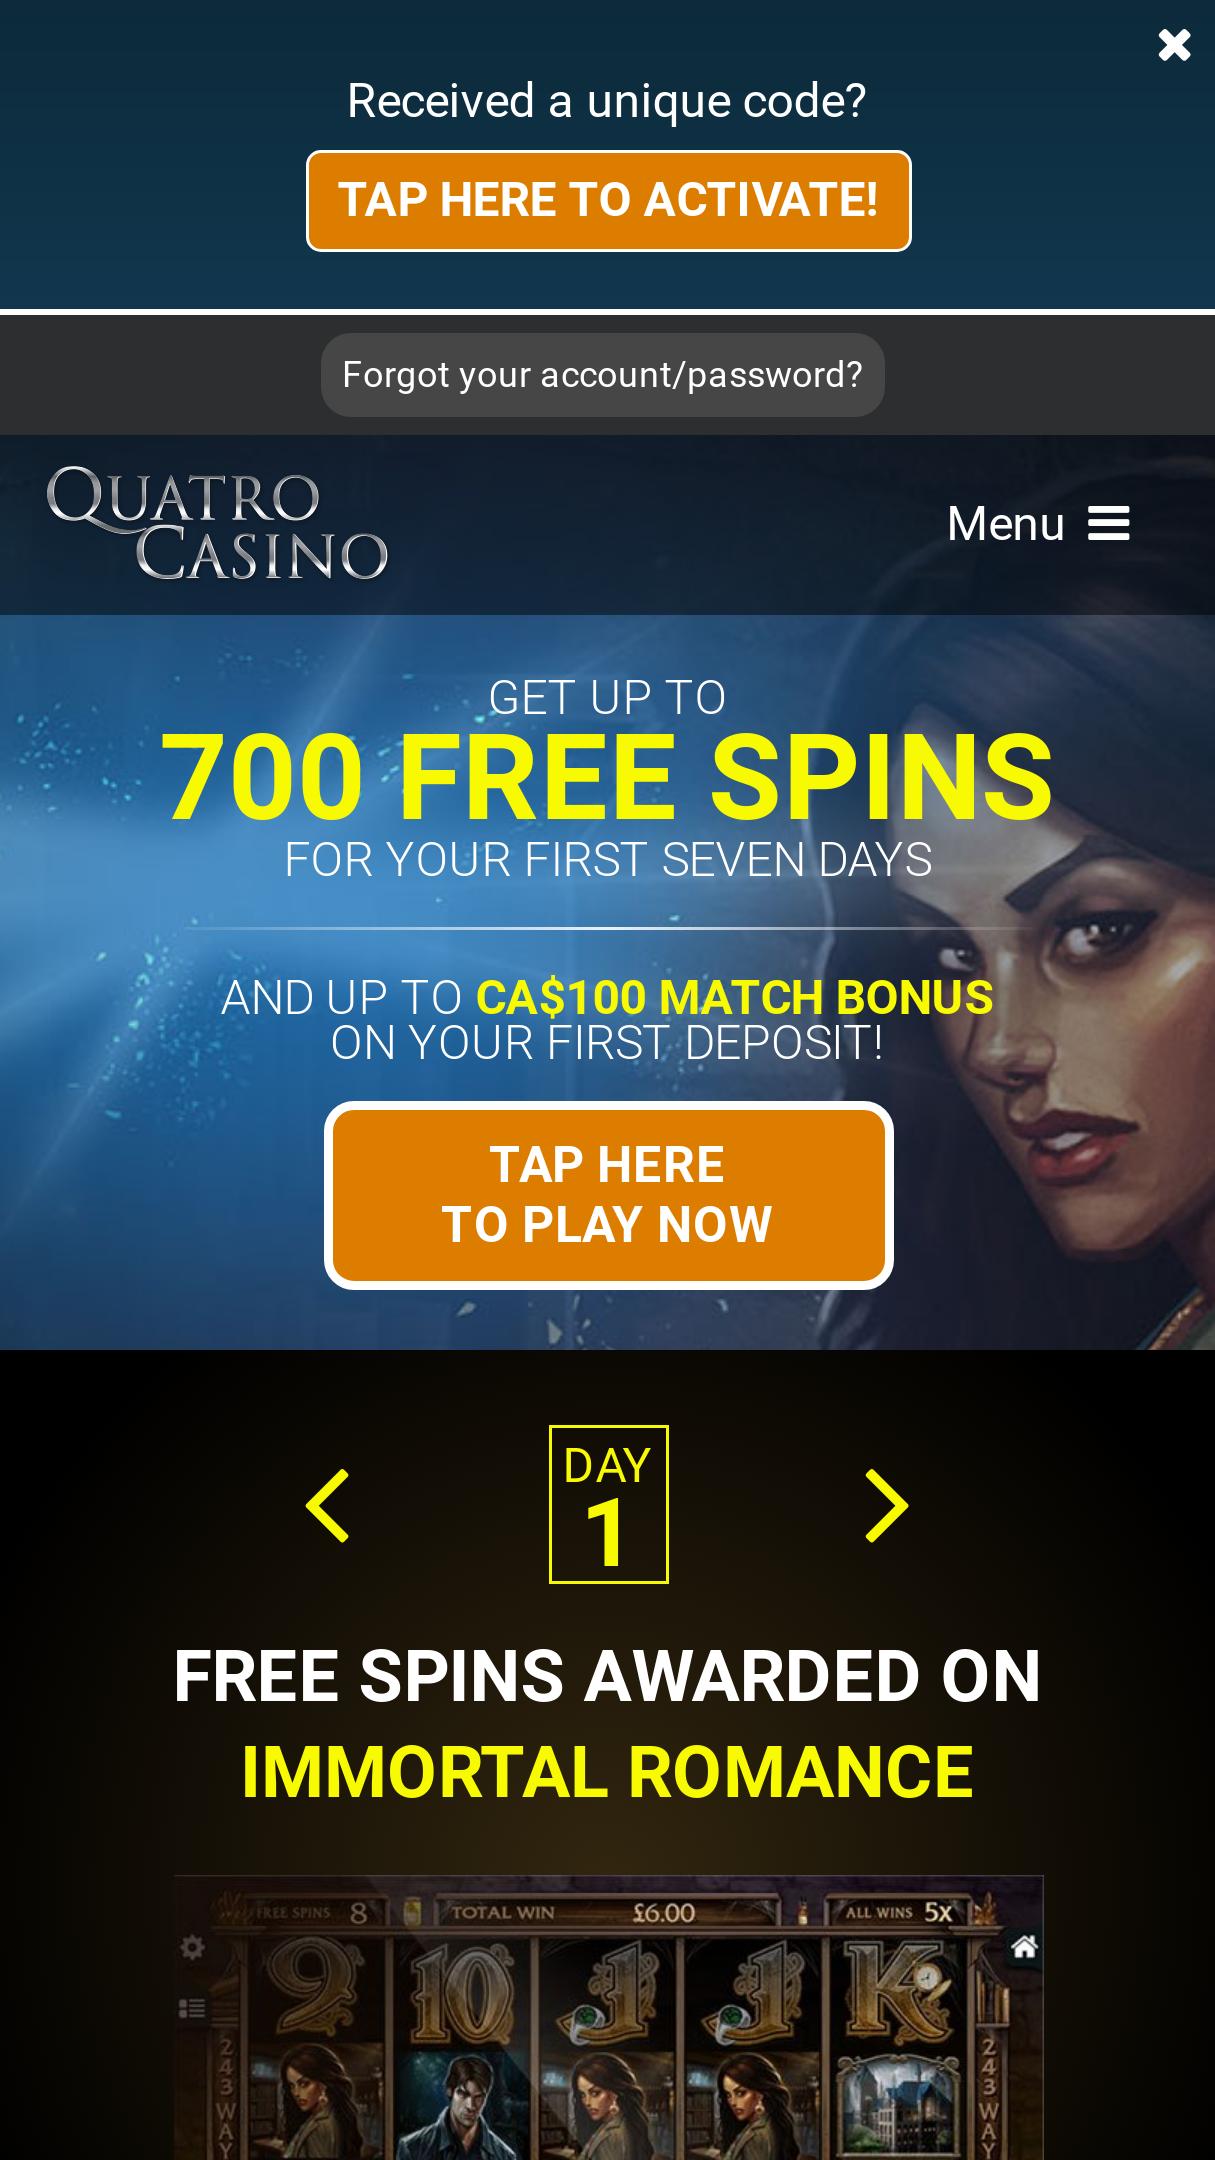 Www.Quatrocasino.Con/Spins